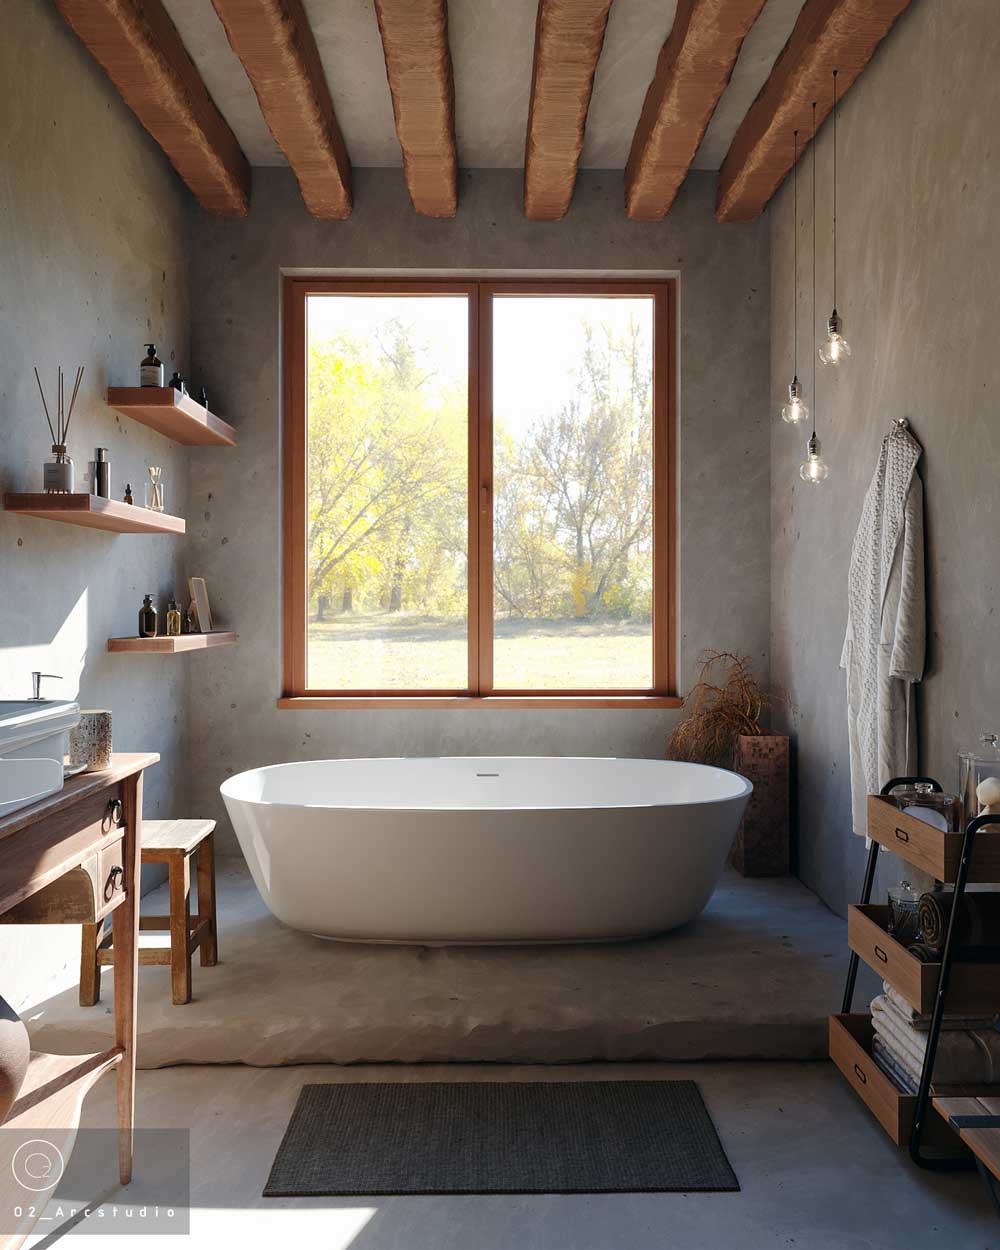 Une salle de bain à l'ambiance douce et apaisante avec des murs en tadelakt, des poutres en bois et une grande fenêtre